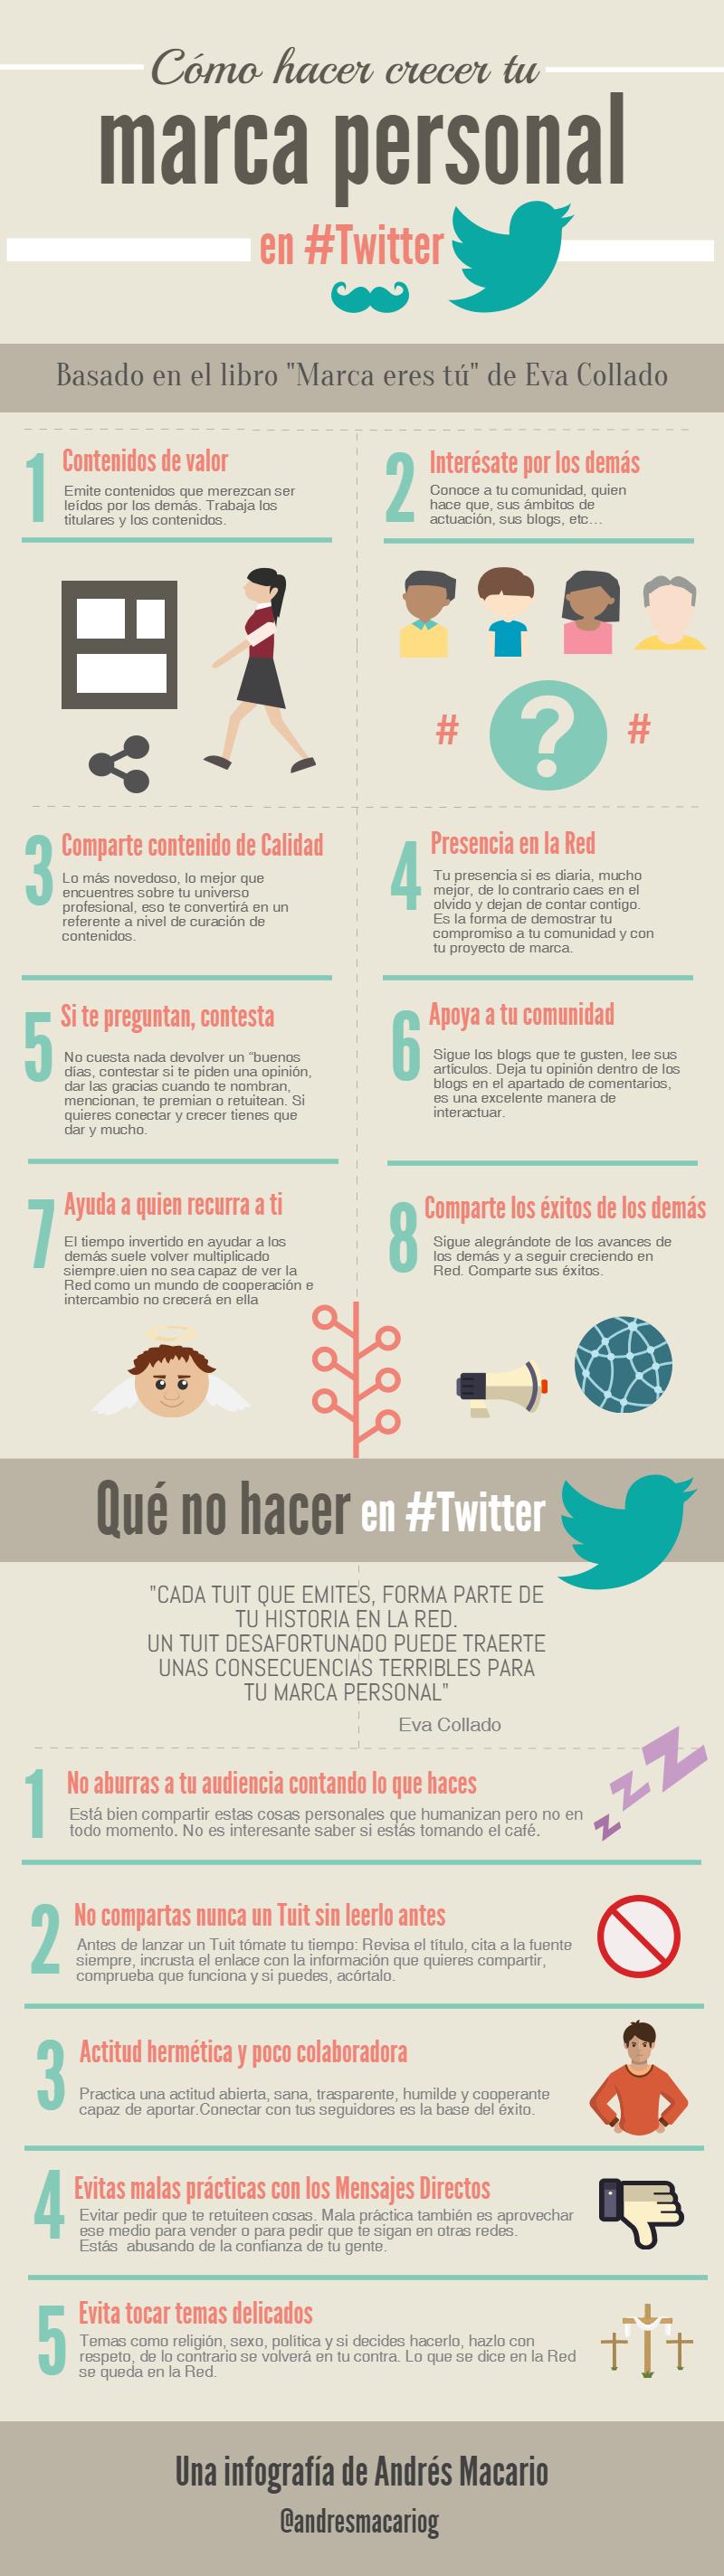 Cómo hacer crecer tu Marca Personal en Twitter